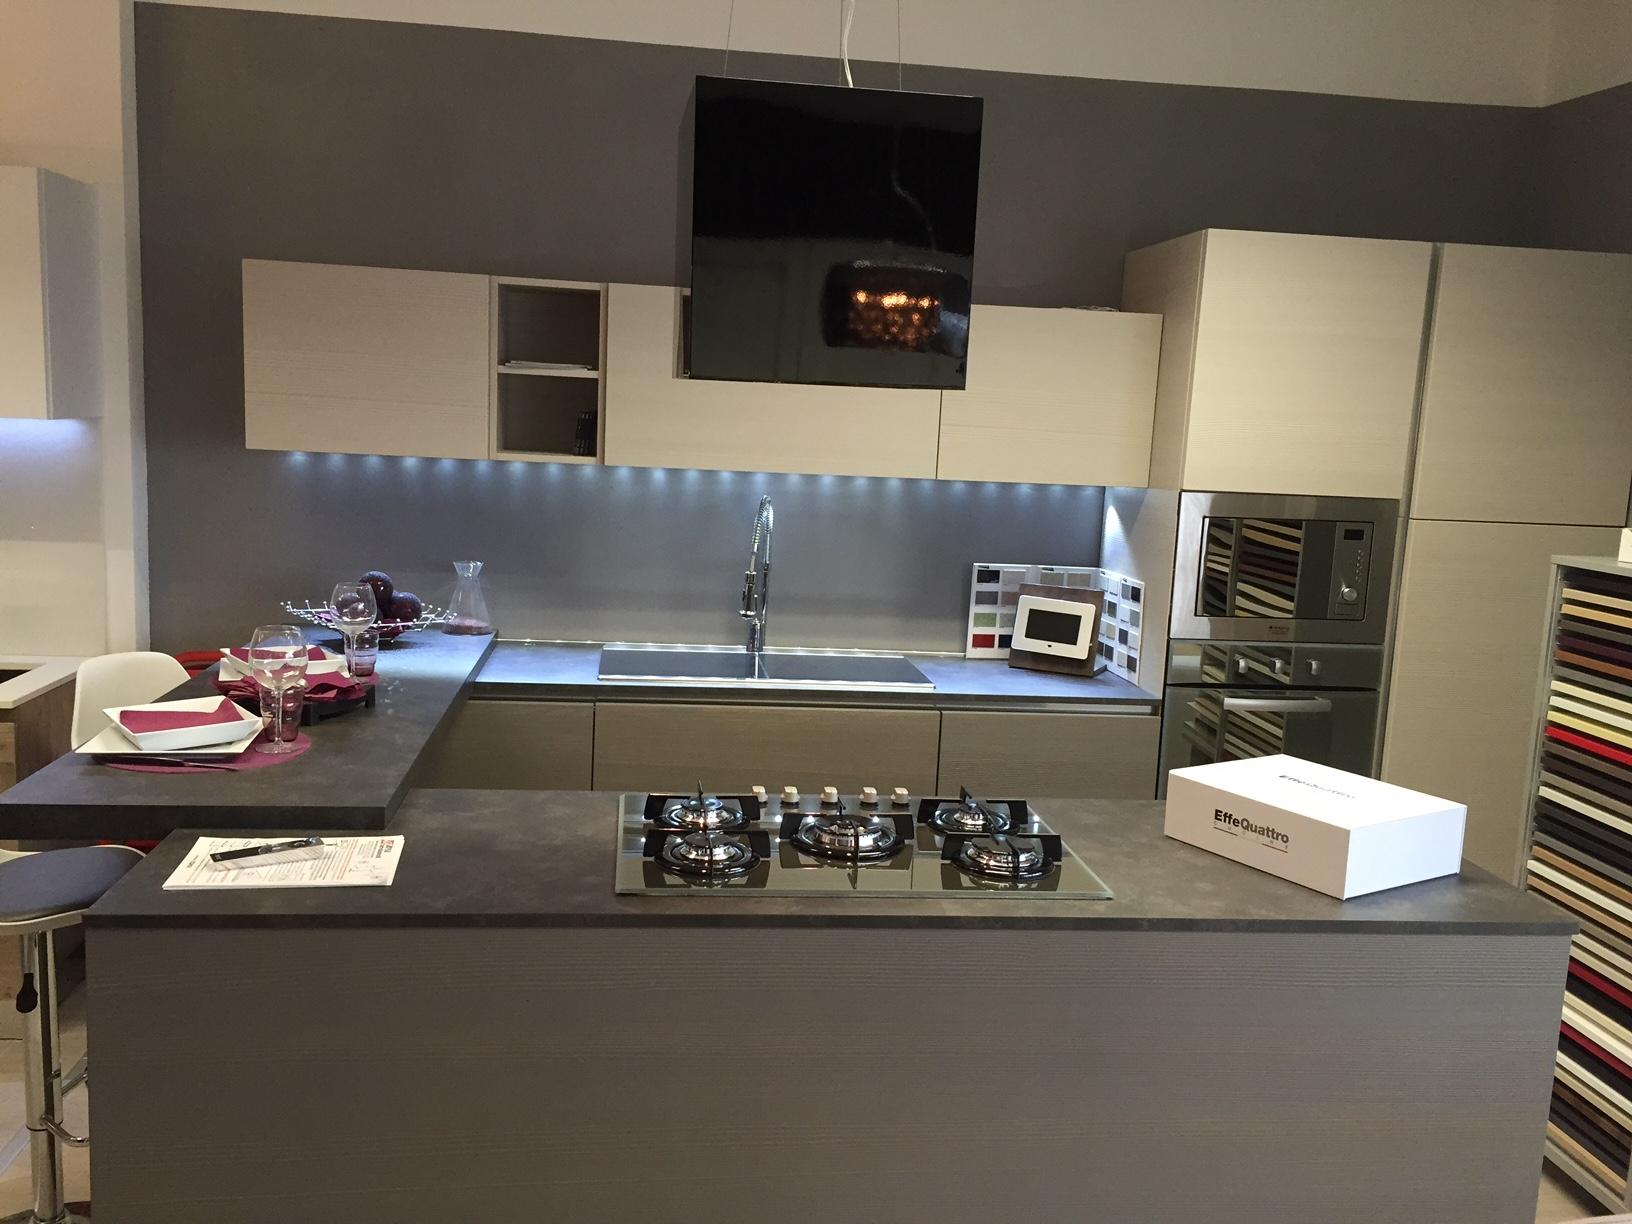 Cucina effe4 moon moderna legno grigio gola cromo cucine for Cucina moderna prezzi